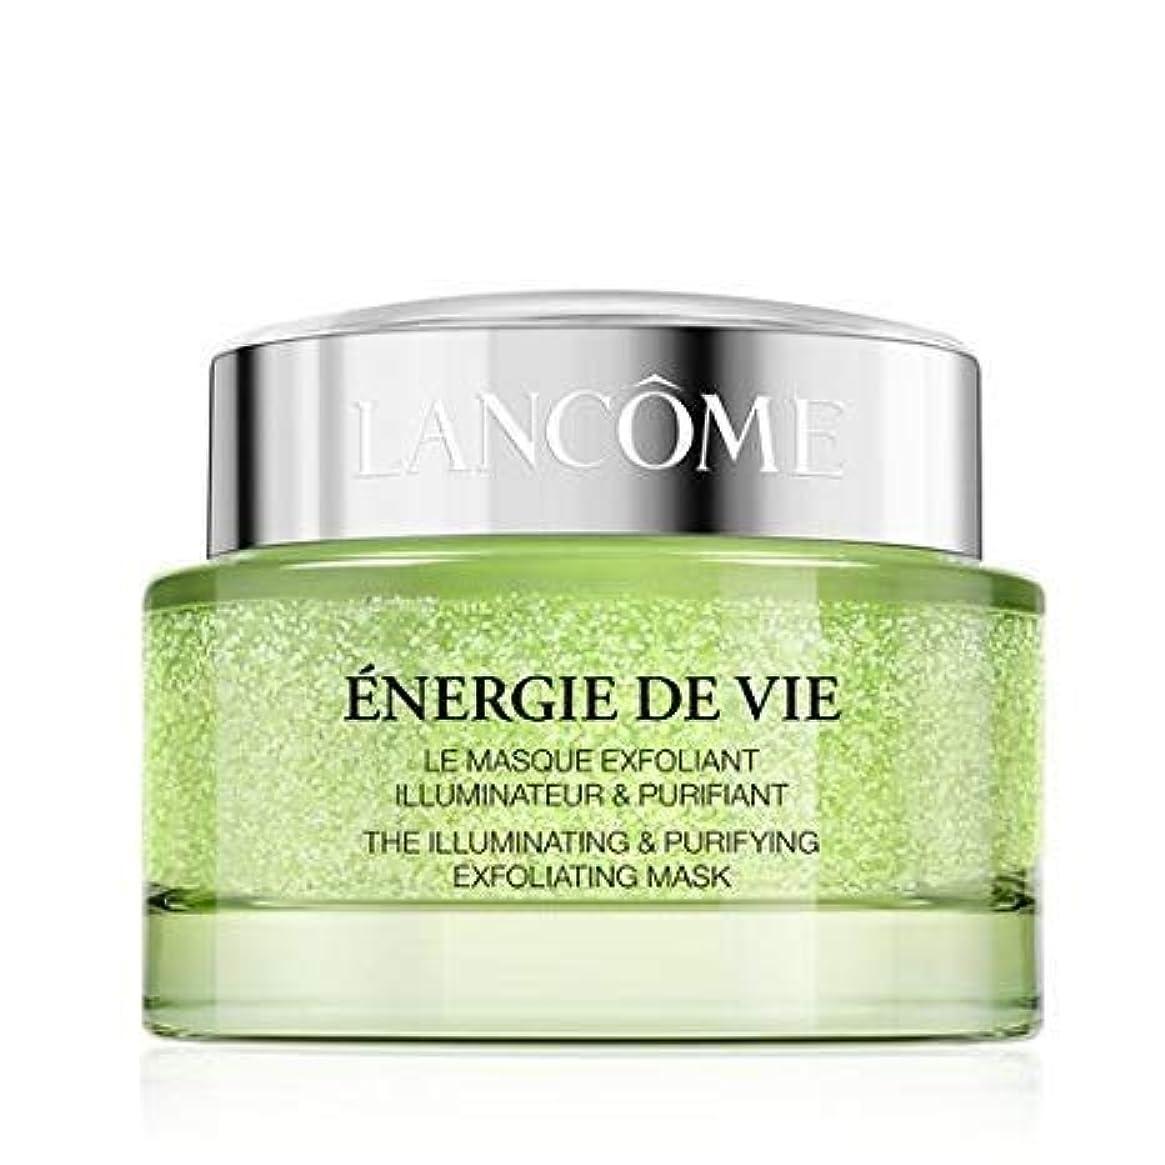 海軍無限ファンドランコム Energie De Vie The Illuminating & Purifying Exfoliating Mask 75ml